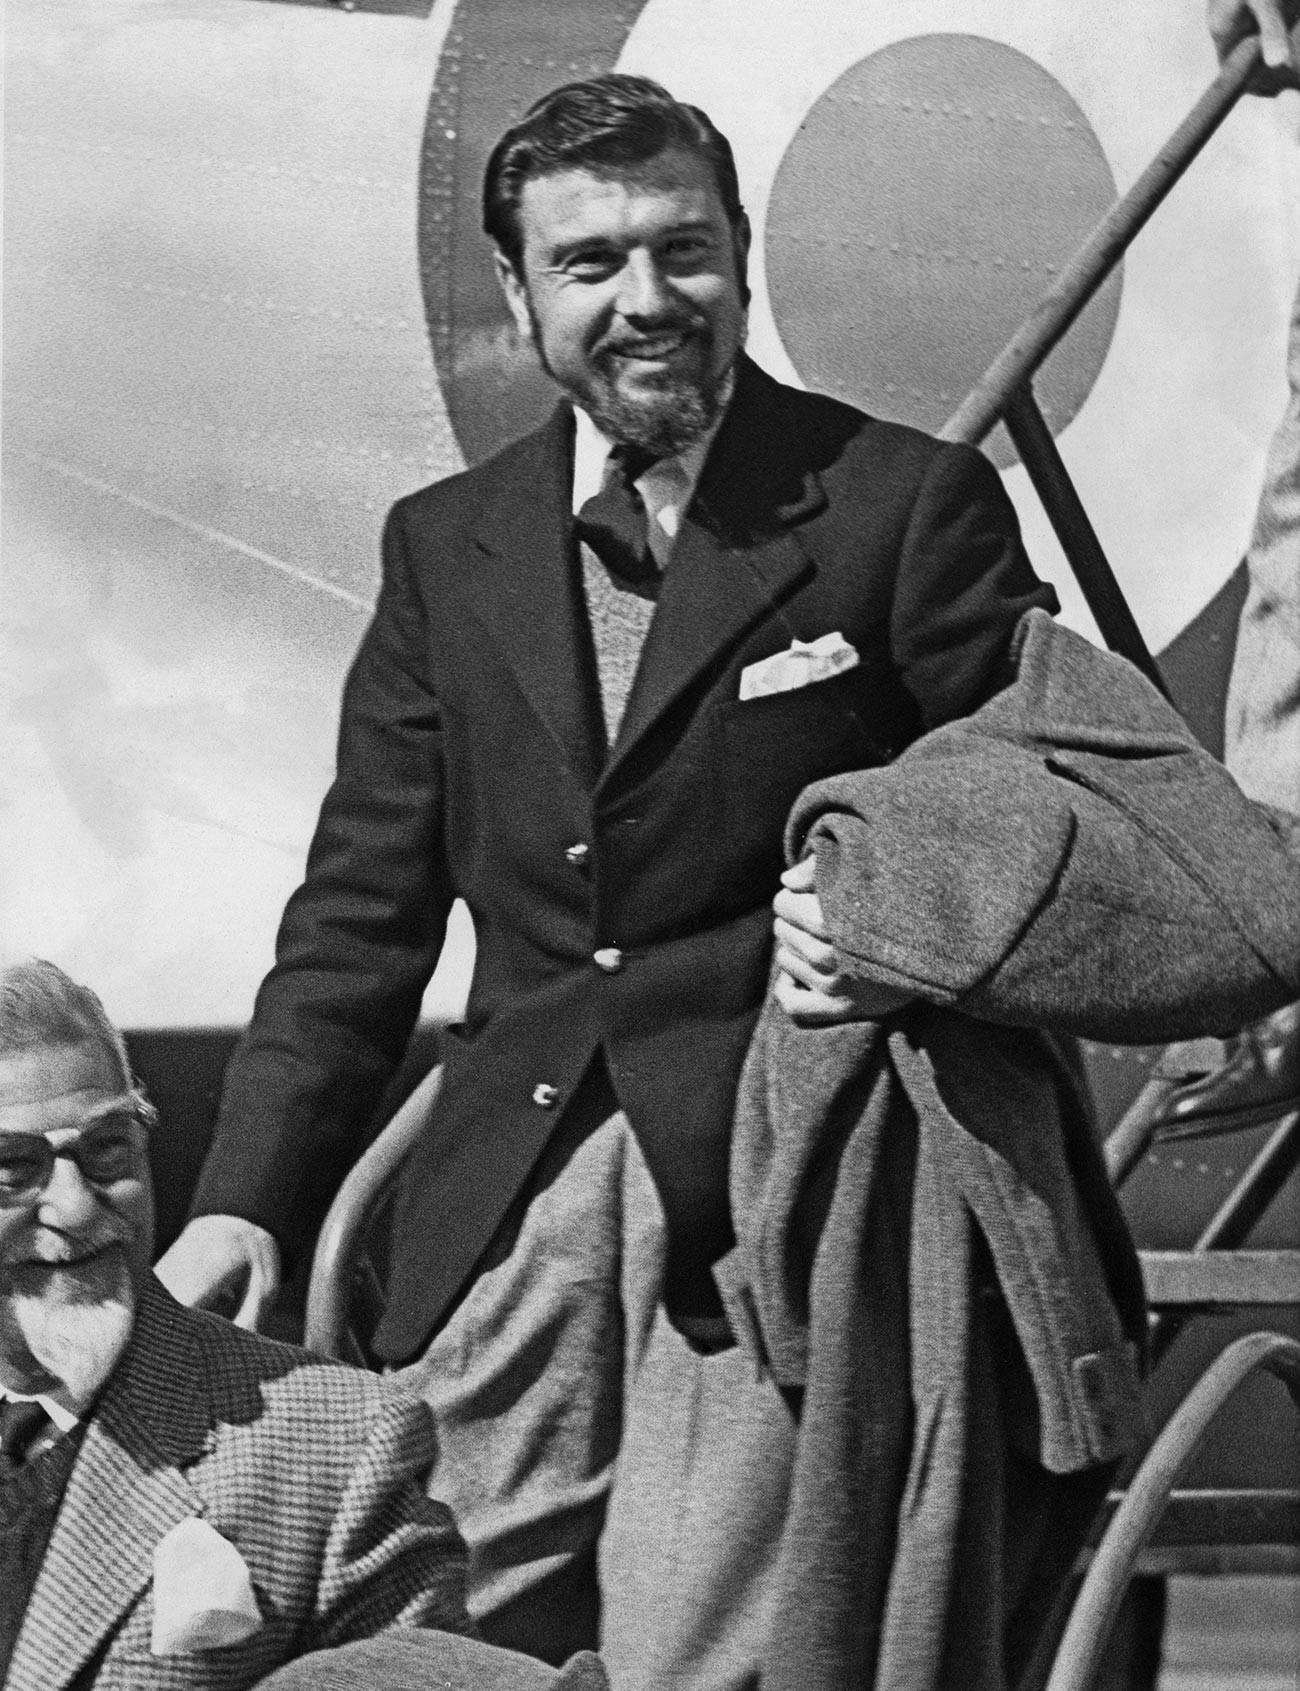 Der britische Diplomat und Spion George Blake kommt nach seiner Freilassung am 22. April 1953 in Oxfordshire an.